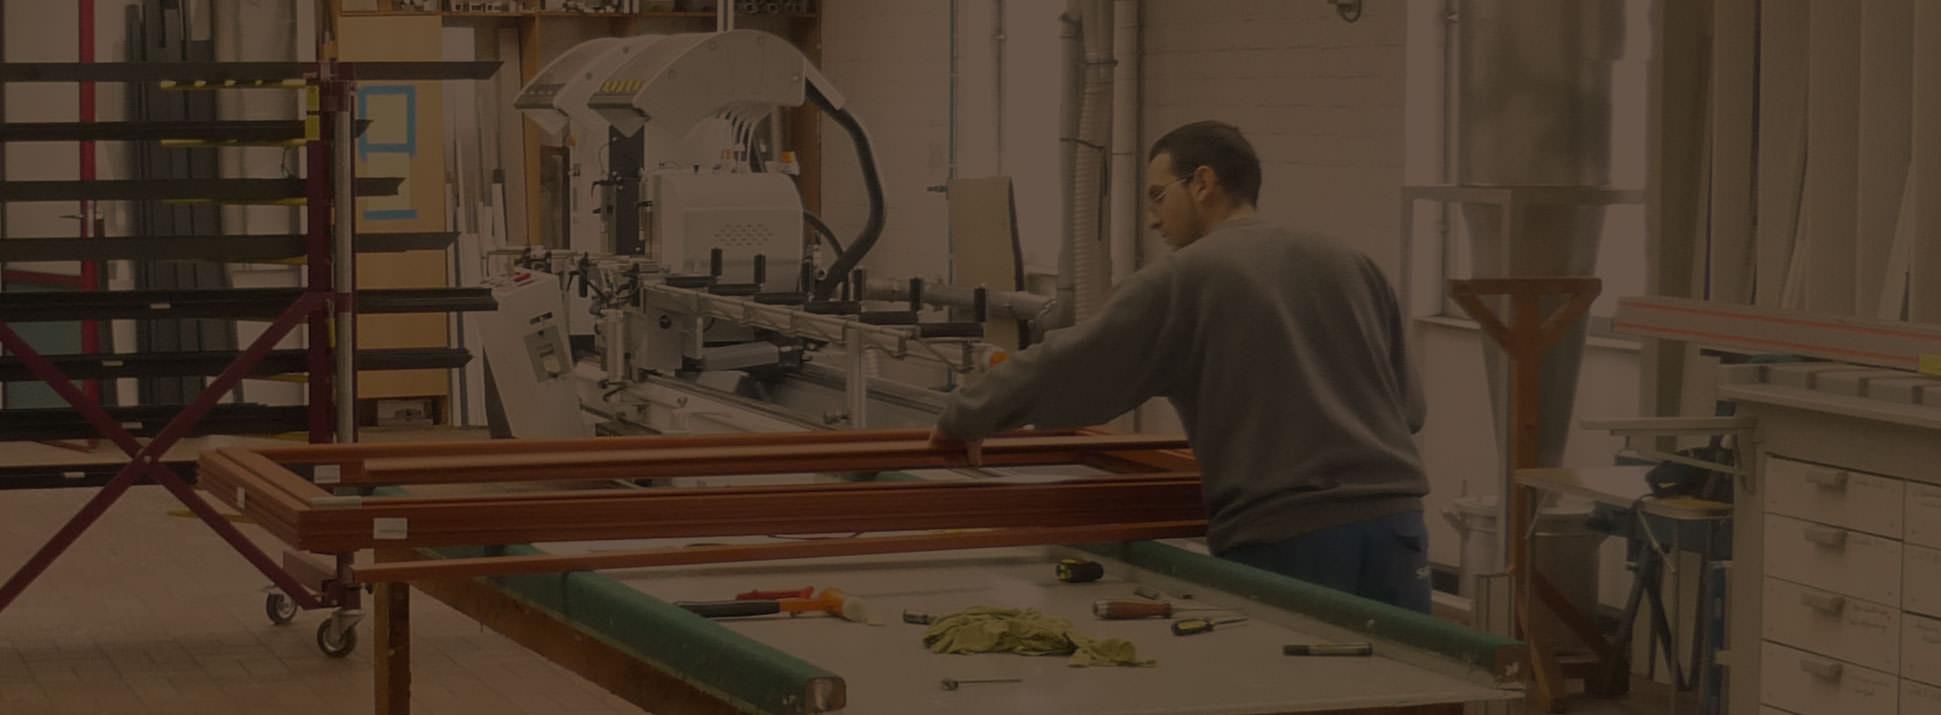 Menuiserie intérieure-Menuiserie Mahieu à Ath - fabricant de châssis ALU et Bois à votre service depuis 1960